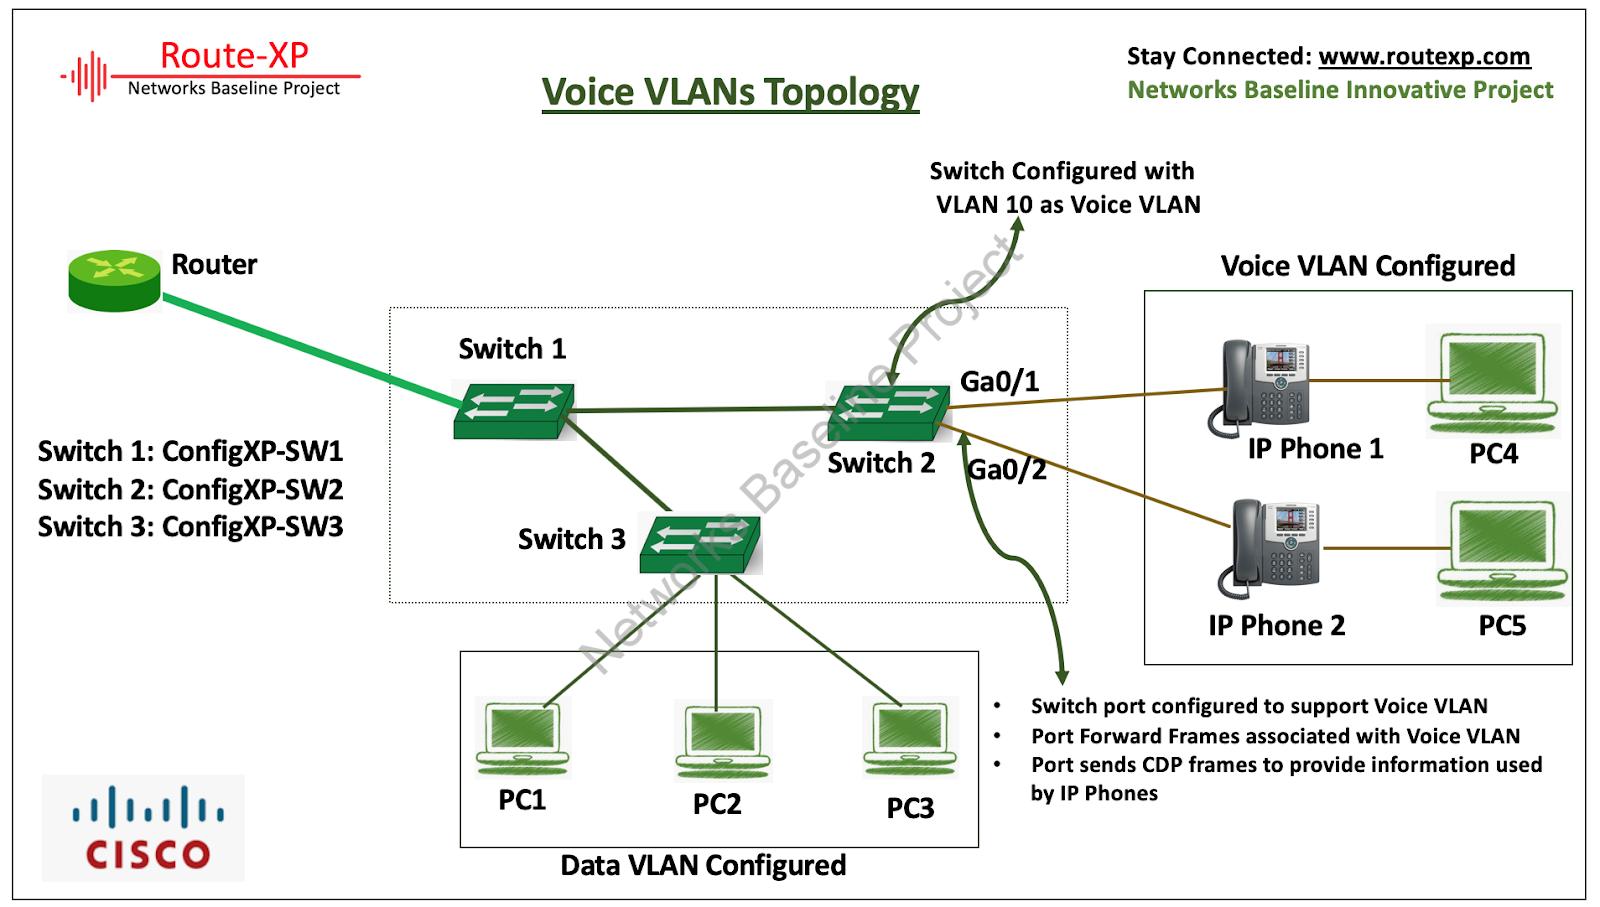 Cisco CCNA Basics VIII: Introduction to Voice VLANs - Route XP